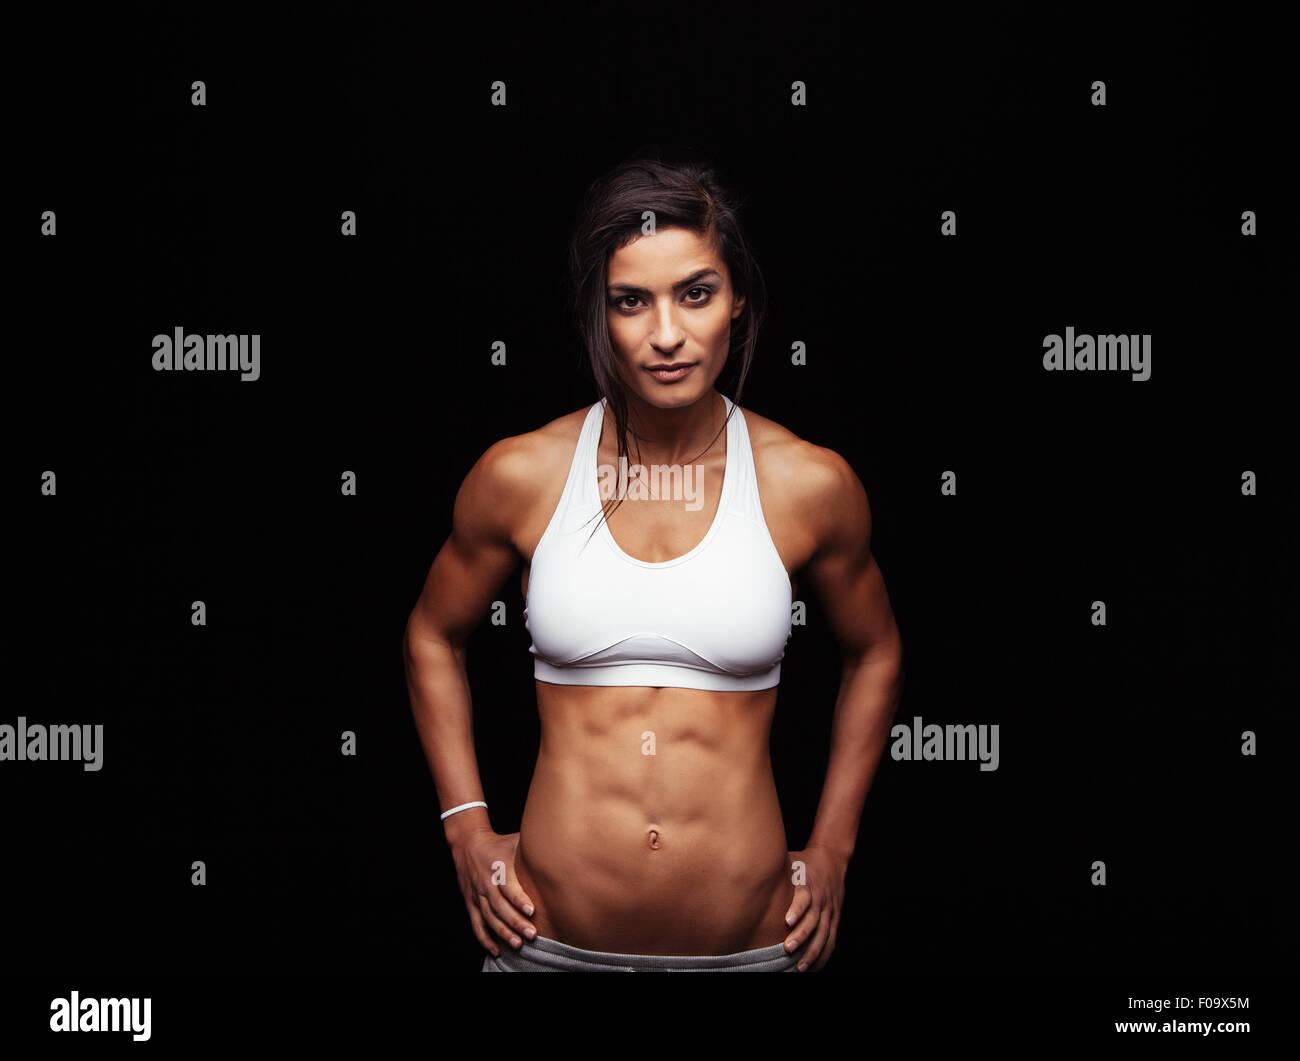 Retrato de estudio de una joven mujer deportiva aislado sobre fondo negro. Seguro modelo de fitness con abdomen Imagen De Stock